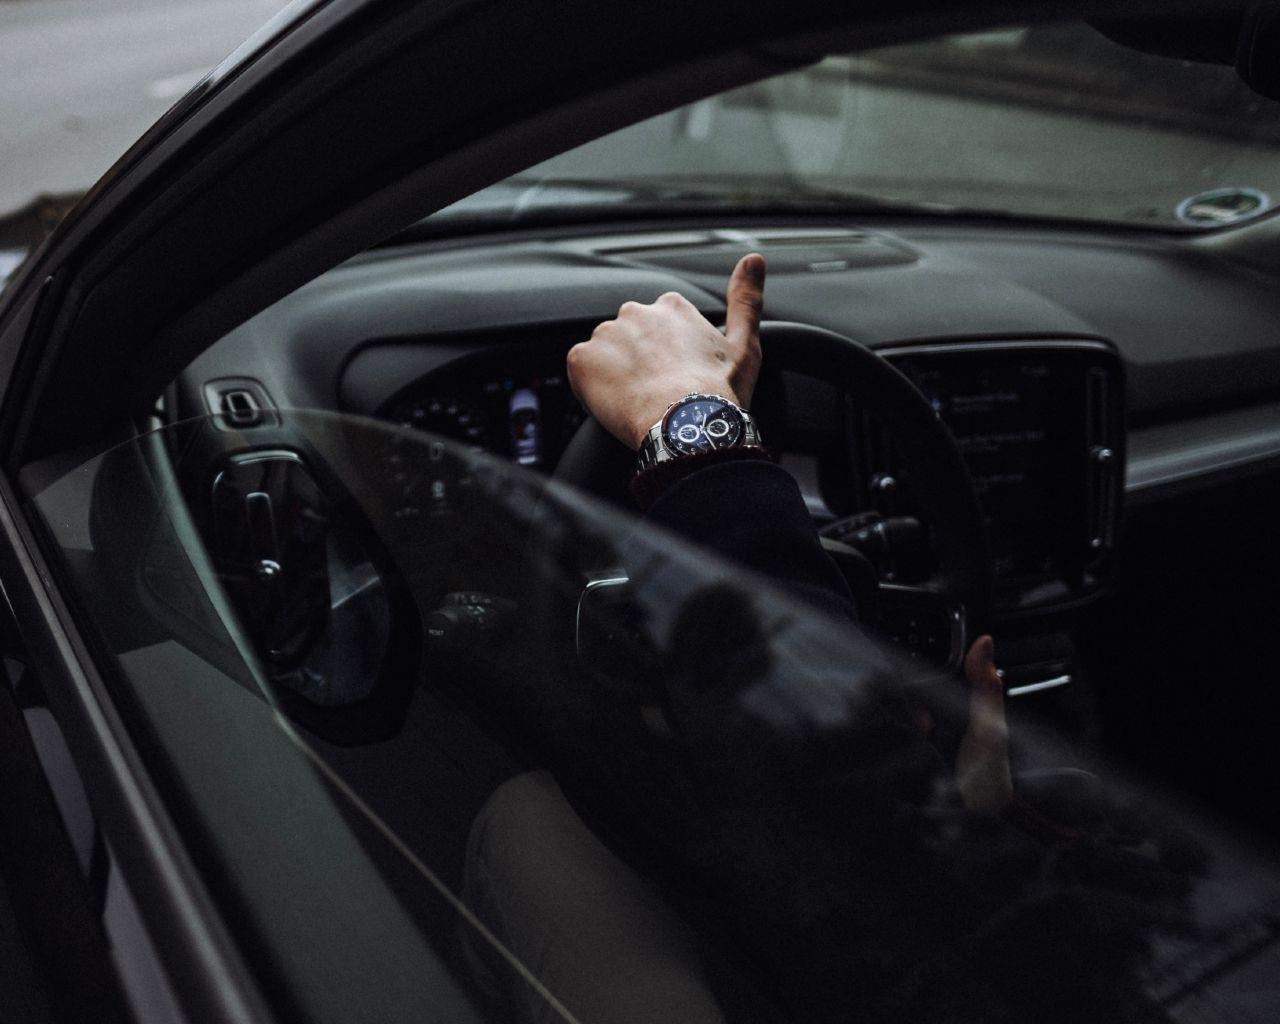 Έκθεση Ford Α. Λιάπης - Μίσθωση Αυτοκινήτου